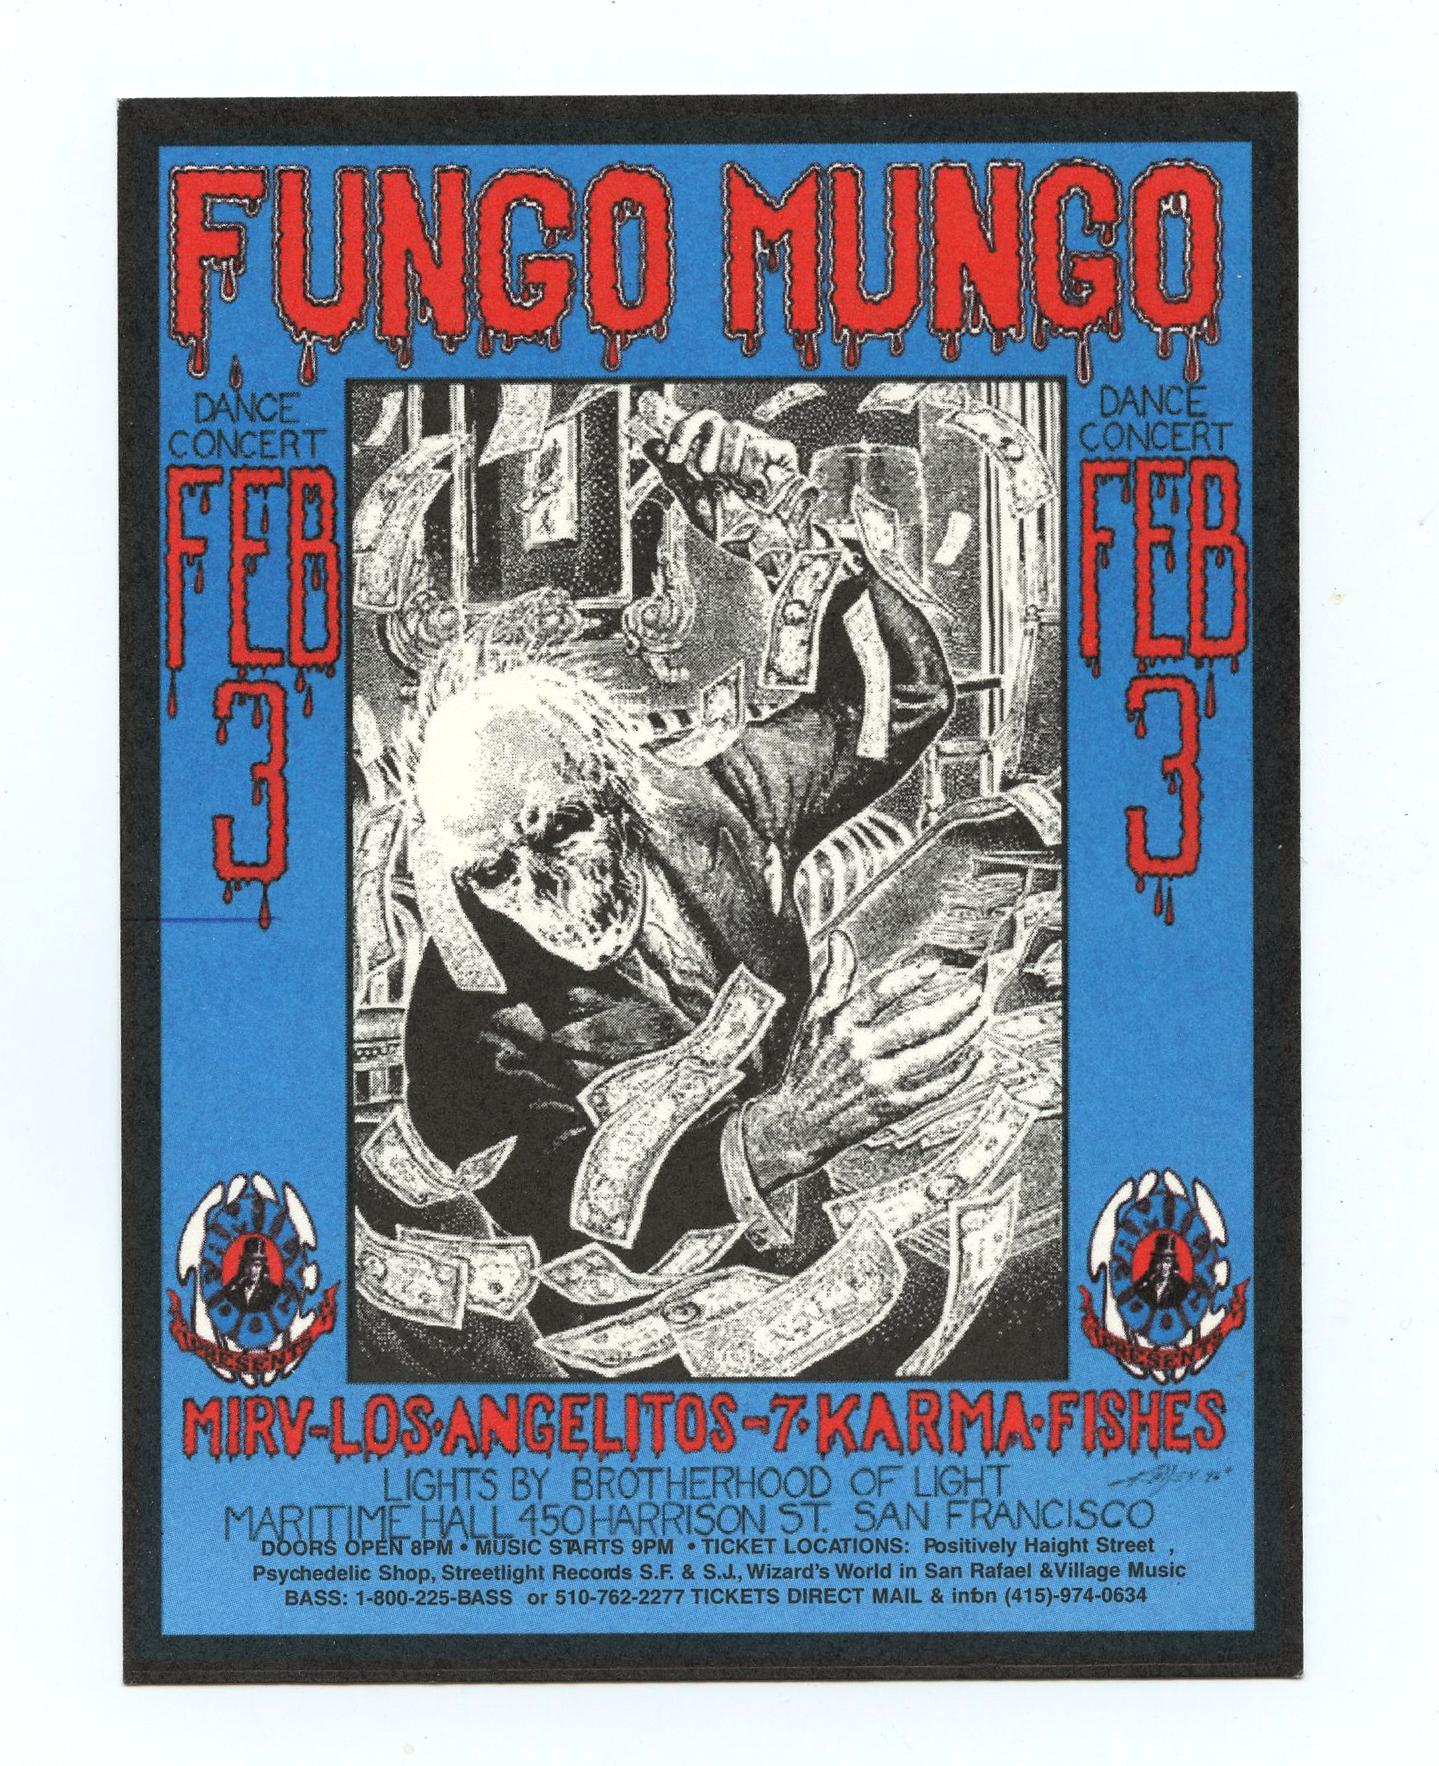 Maritime Hall 1996 Feb 3 Flyer Fungo Mungo Alton Kelley